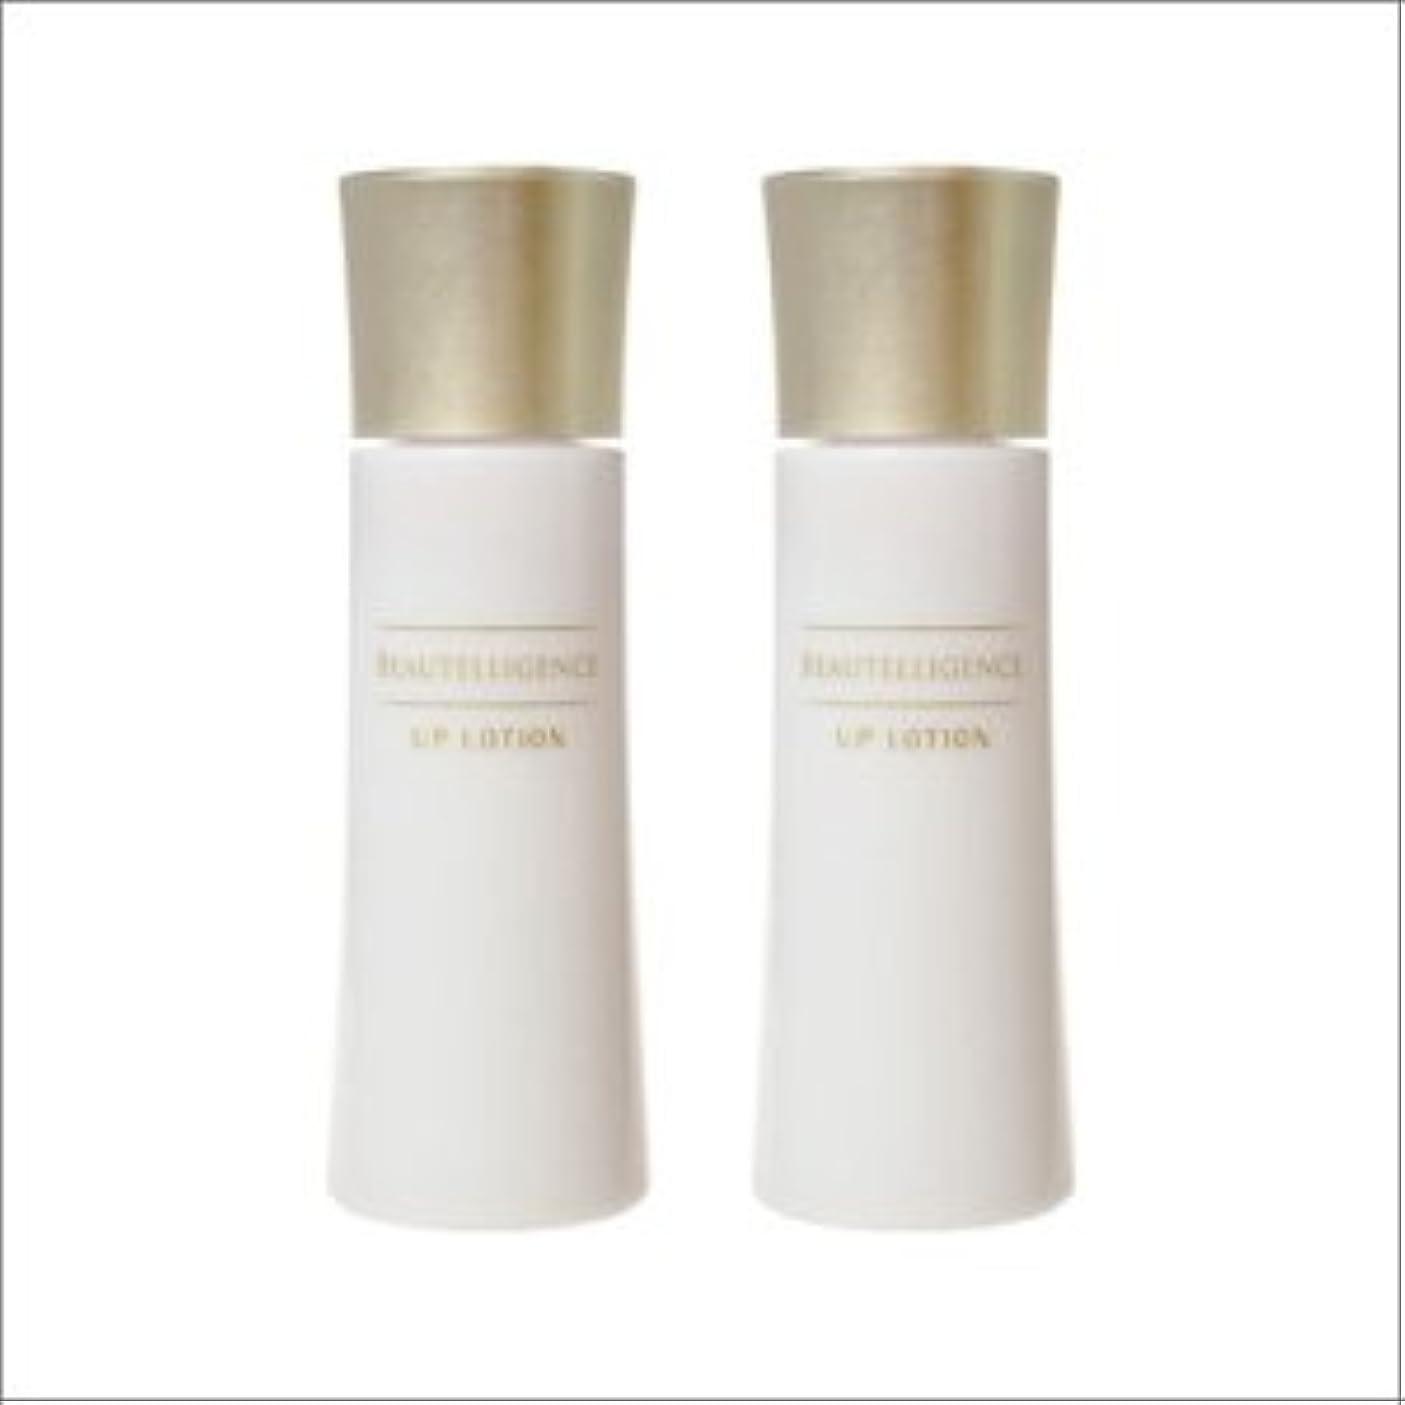 請求書再集計セマフォ2本セット アップローション ひきしめ 化粧水 美容液 ハリ NEWA オシリフト グリシルグリシンエイジングケア